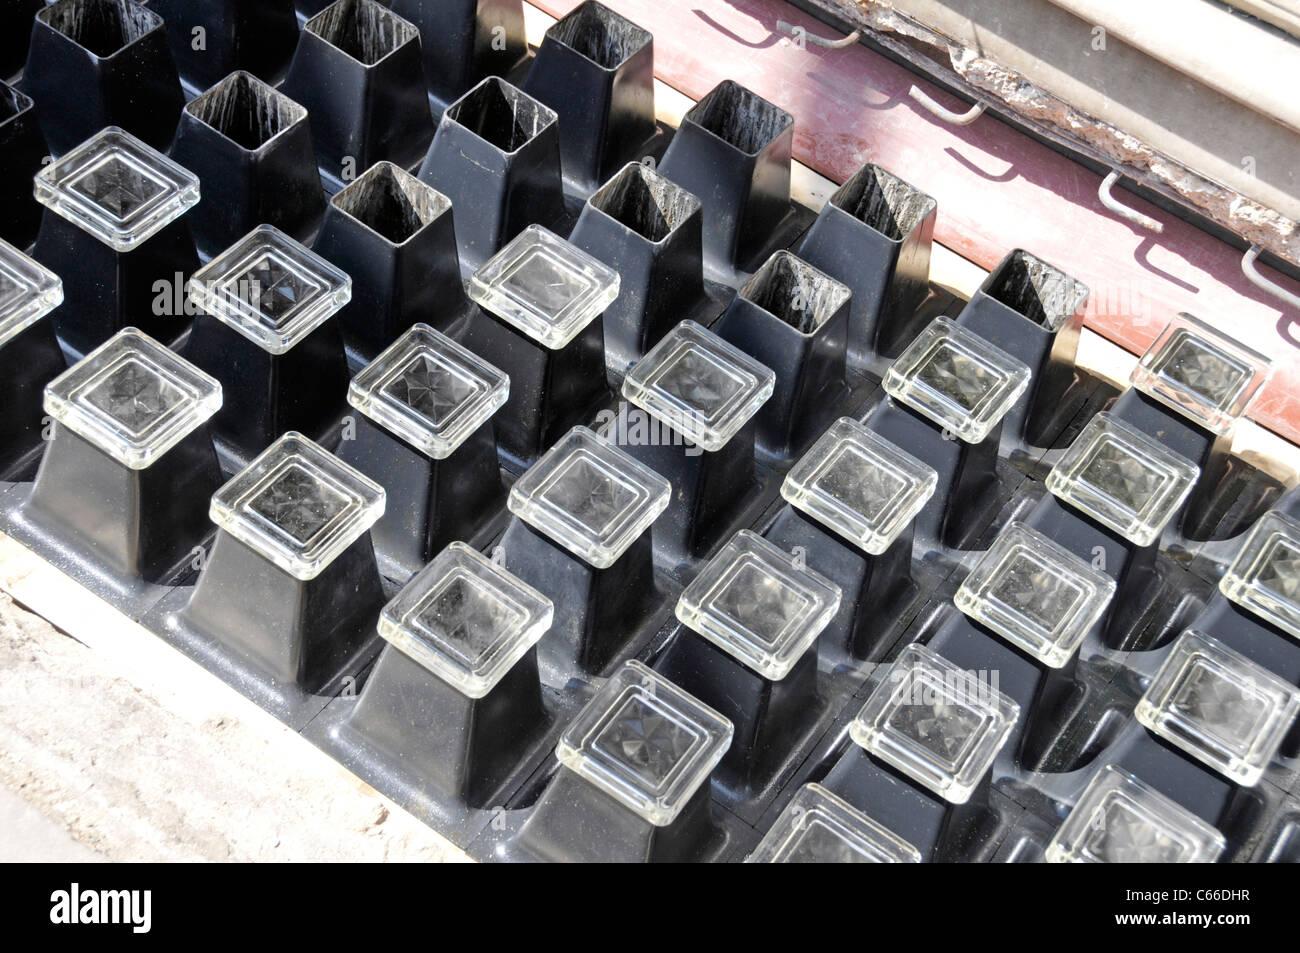 Inverkehrbringen Austausch Pflaster Licht mit quadratischen